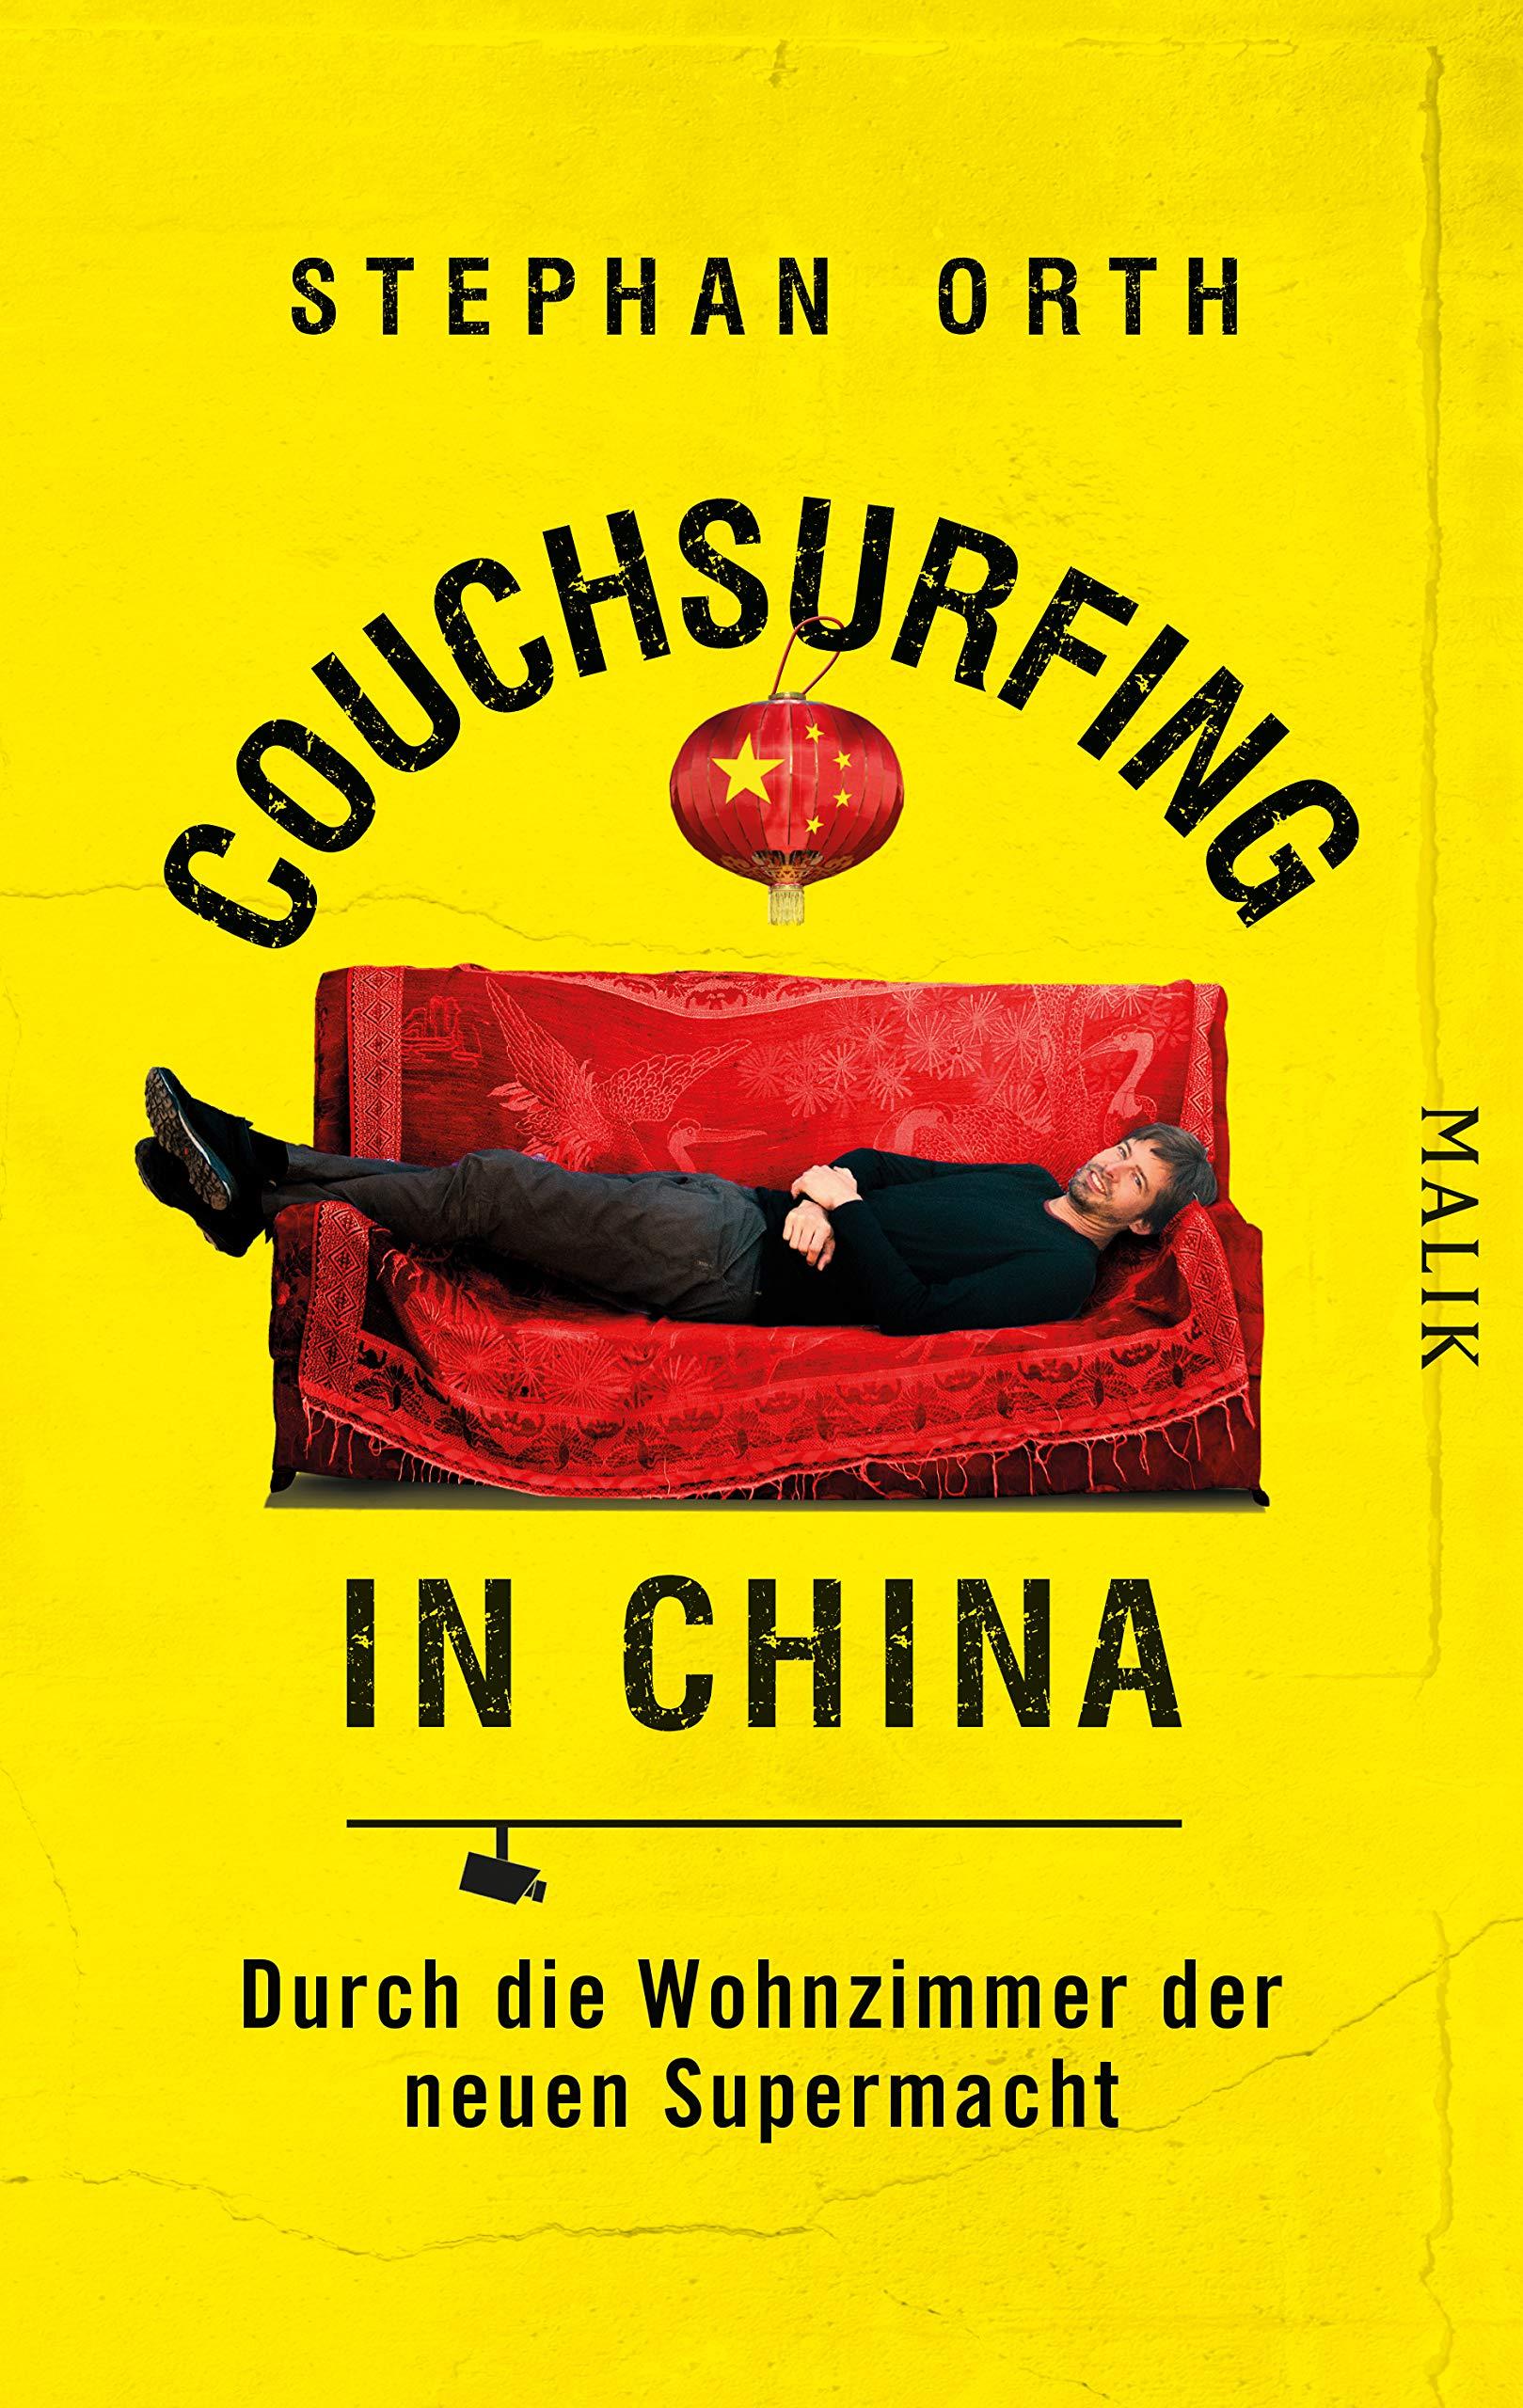 Couchsurfing in China: Durch die Wohnzimmer der neuen Supermacht Broschiert – 1. März 2019 Stephan Orth Malik 3890294901 Reiseberichte / Asien